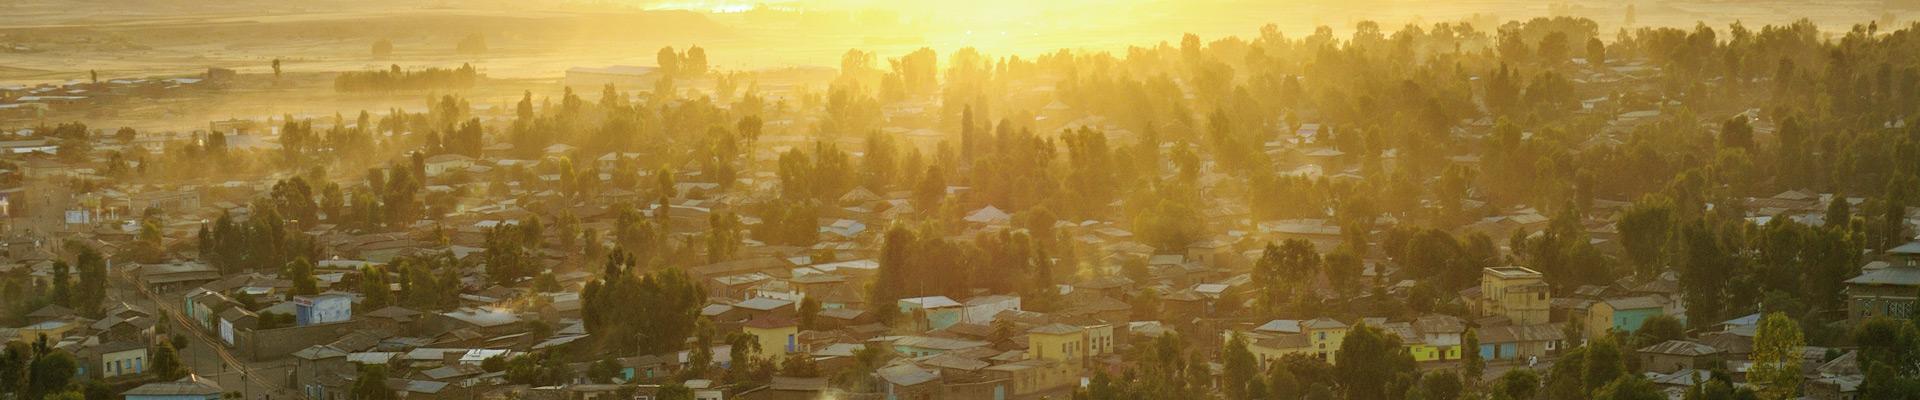 Top image coucher de soleil sur Aksoum, Ethiopie